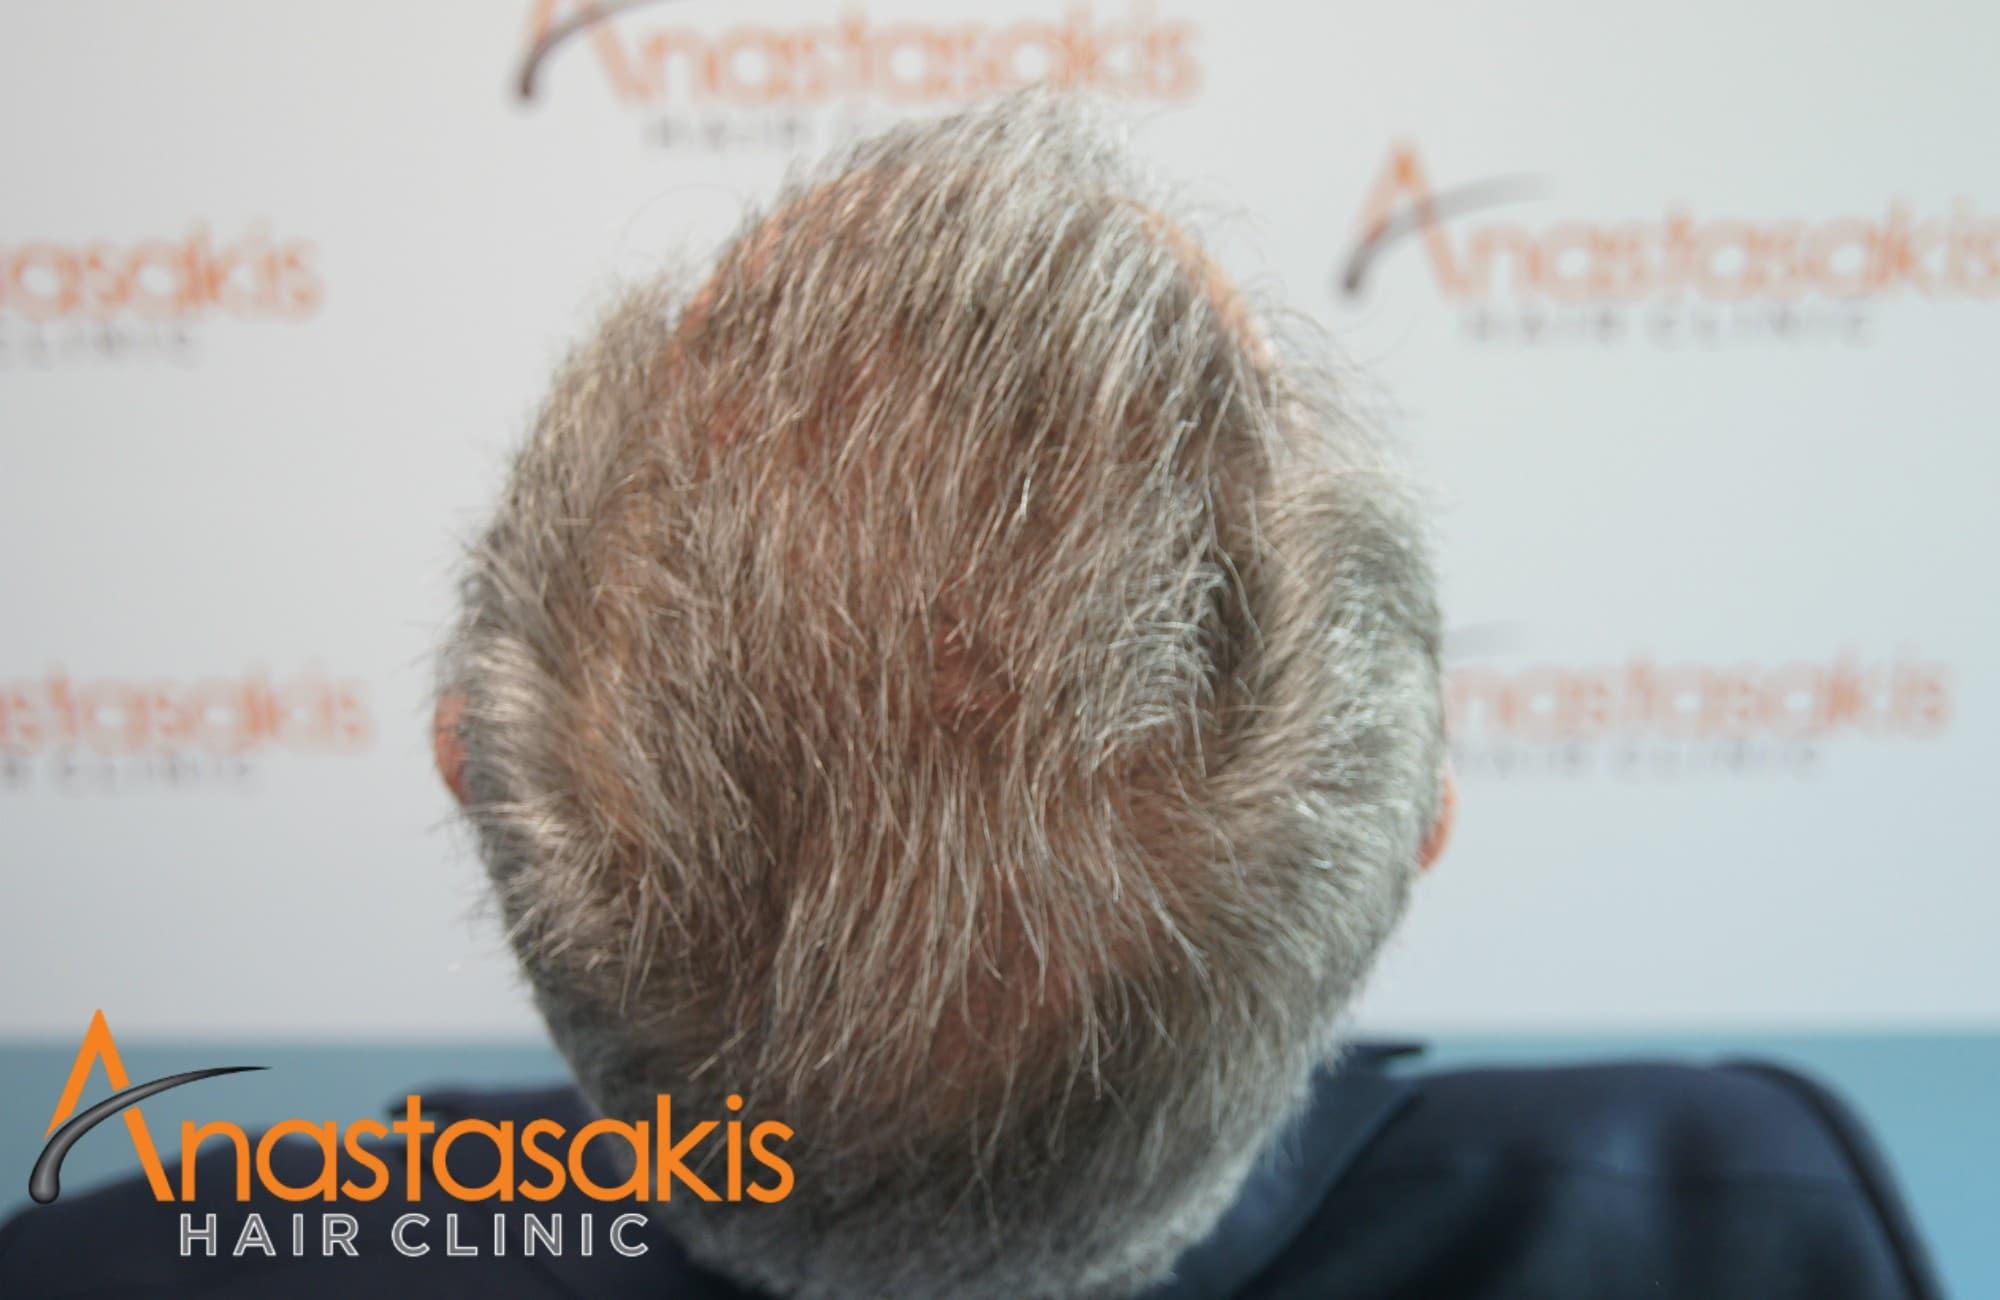 birdview ασθενους μετα τη μεταμοσχευση μαλλιων με 3650 fus